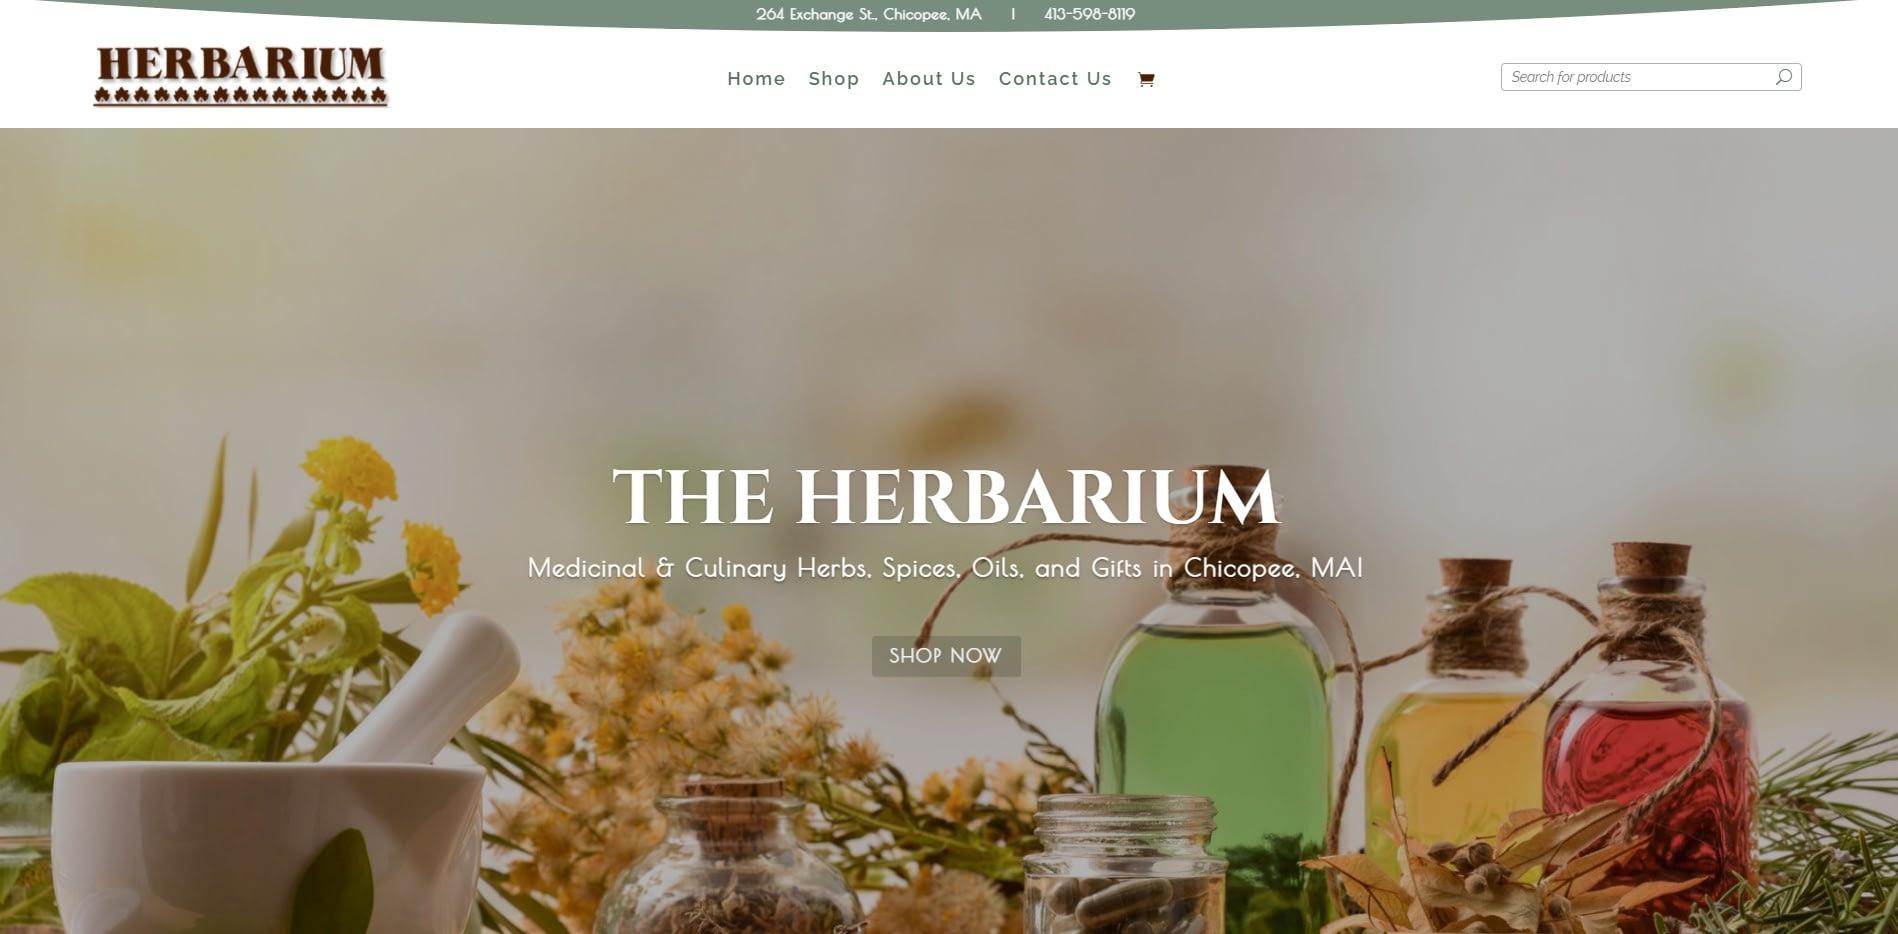 The Herbarium